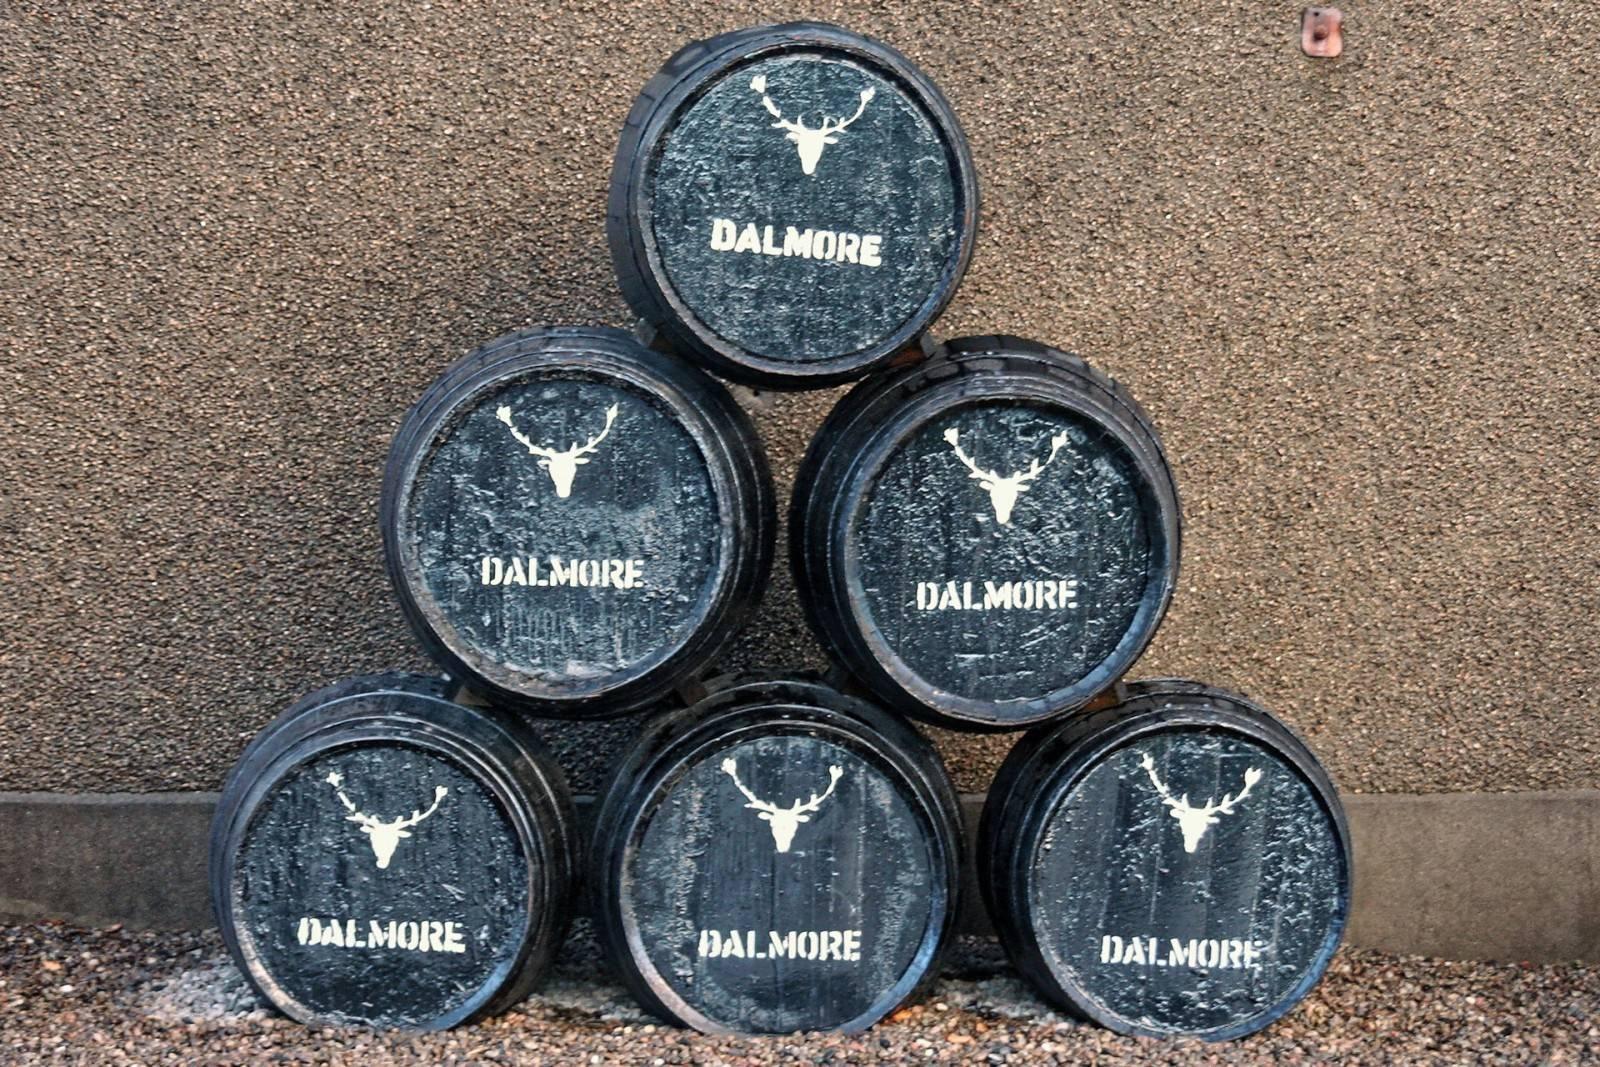 Dalmore Fässer